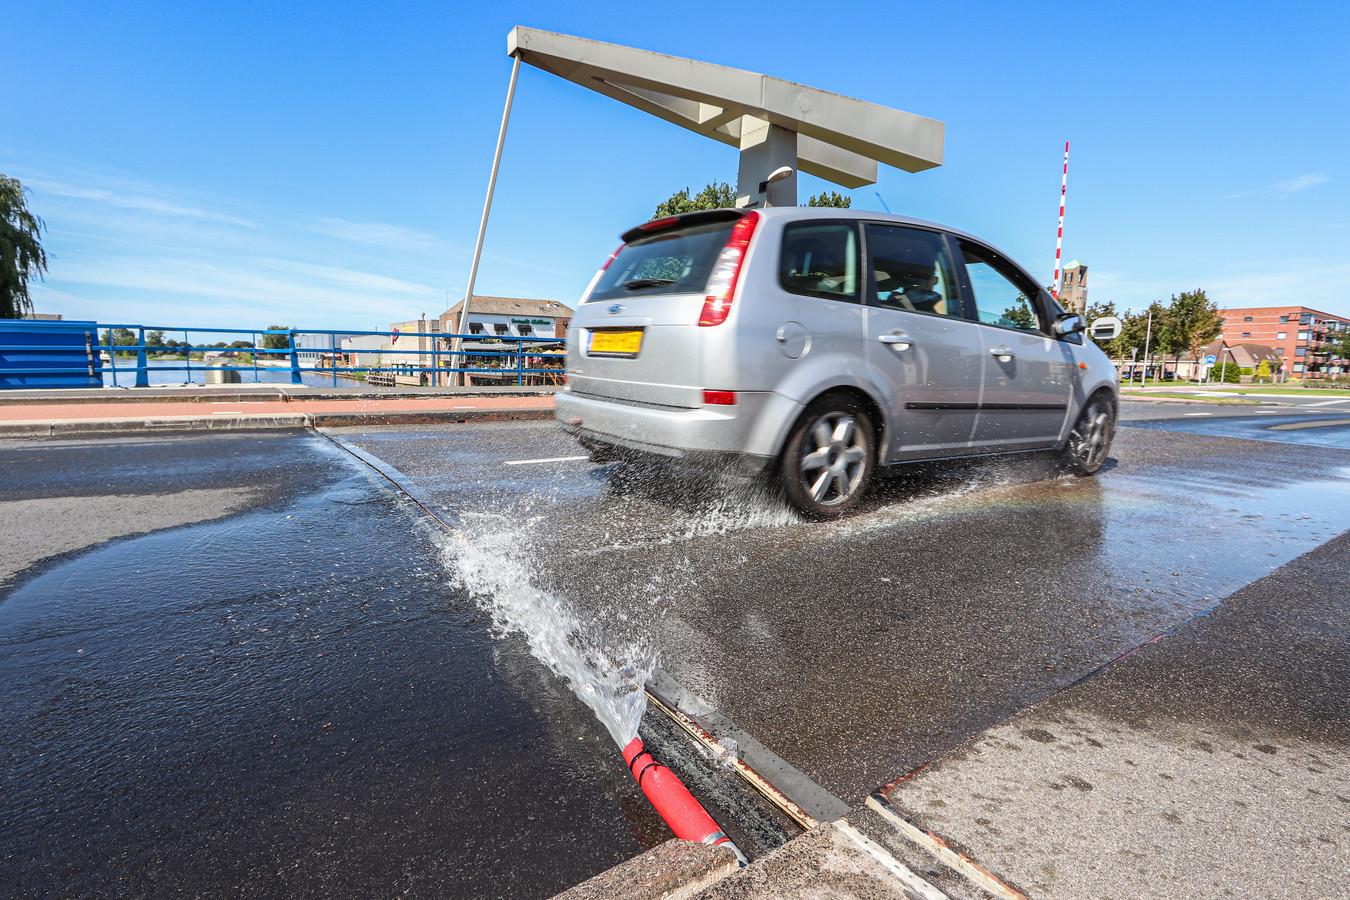 Een brug wordt gekoeld met water, zodat deze ook op de heetste momenten nog steeds omhoog kan.